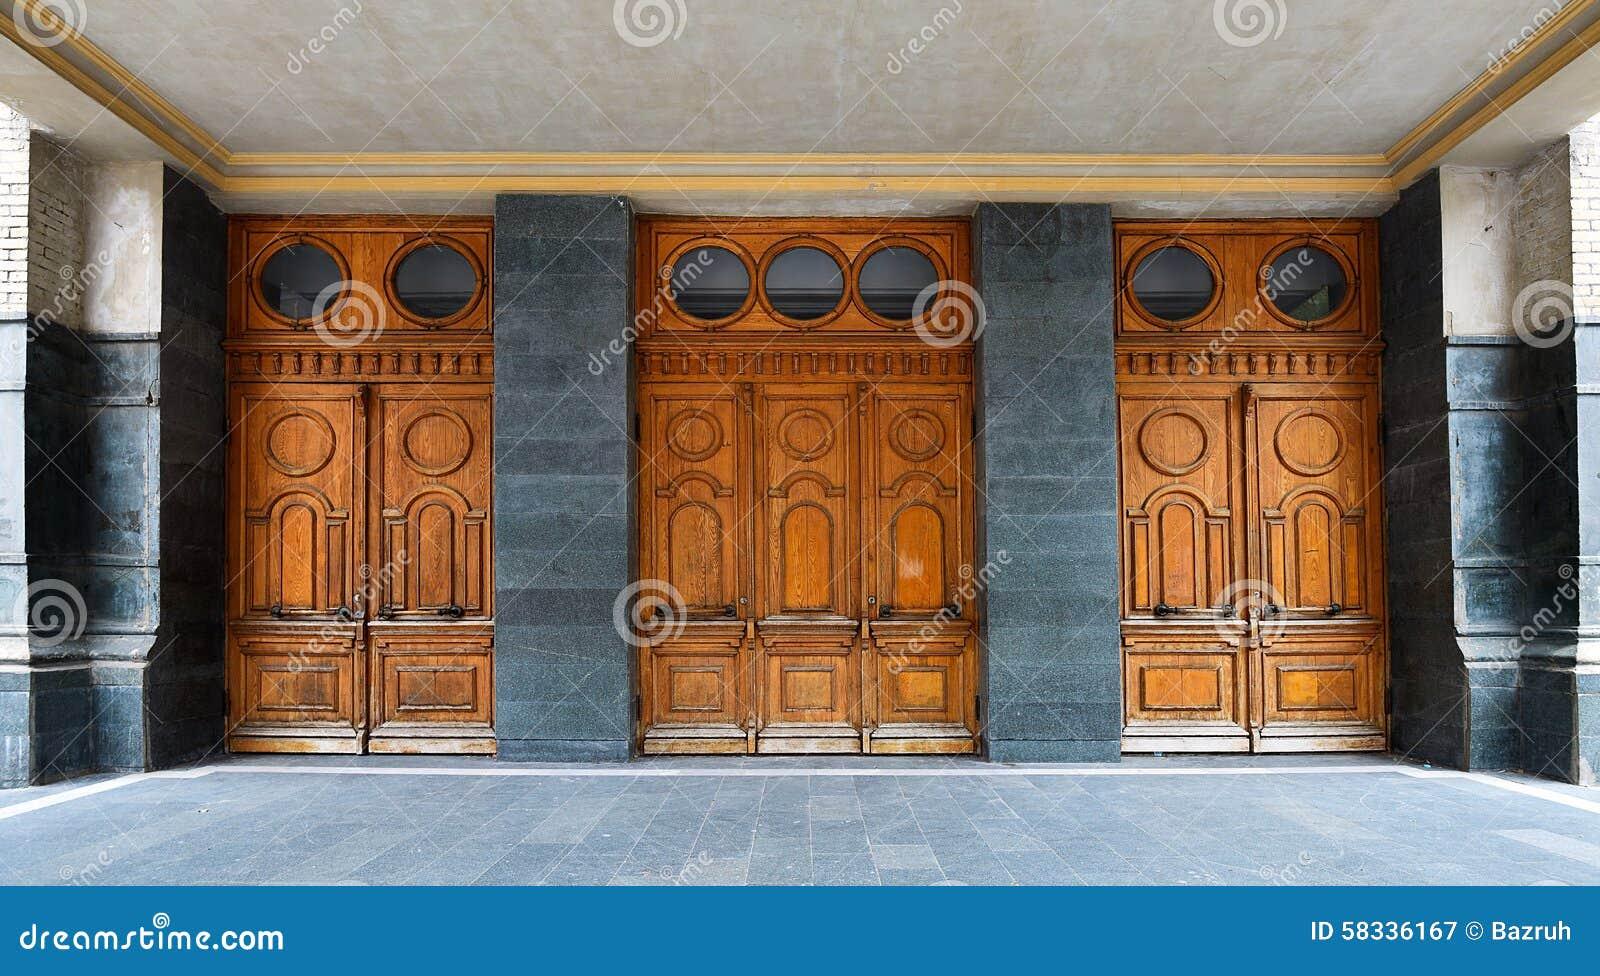 Puertas de madera viejas del teatro foto de archivo - Puertas viejas de madera ...